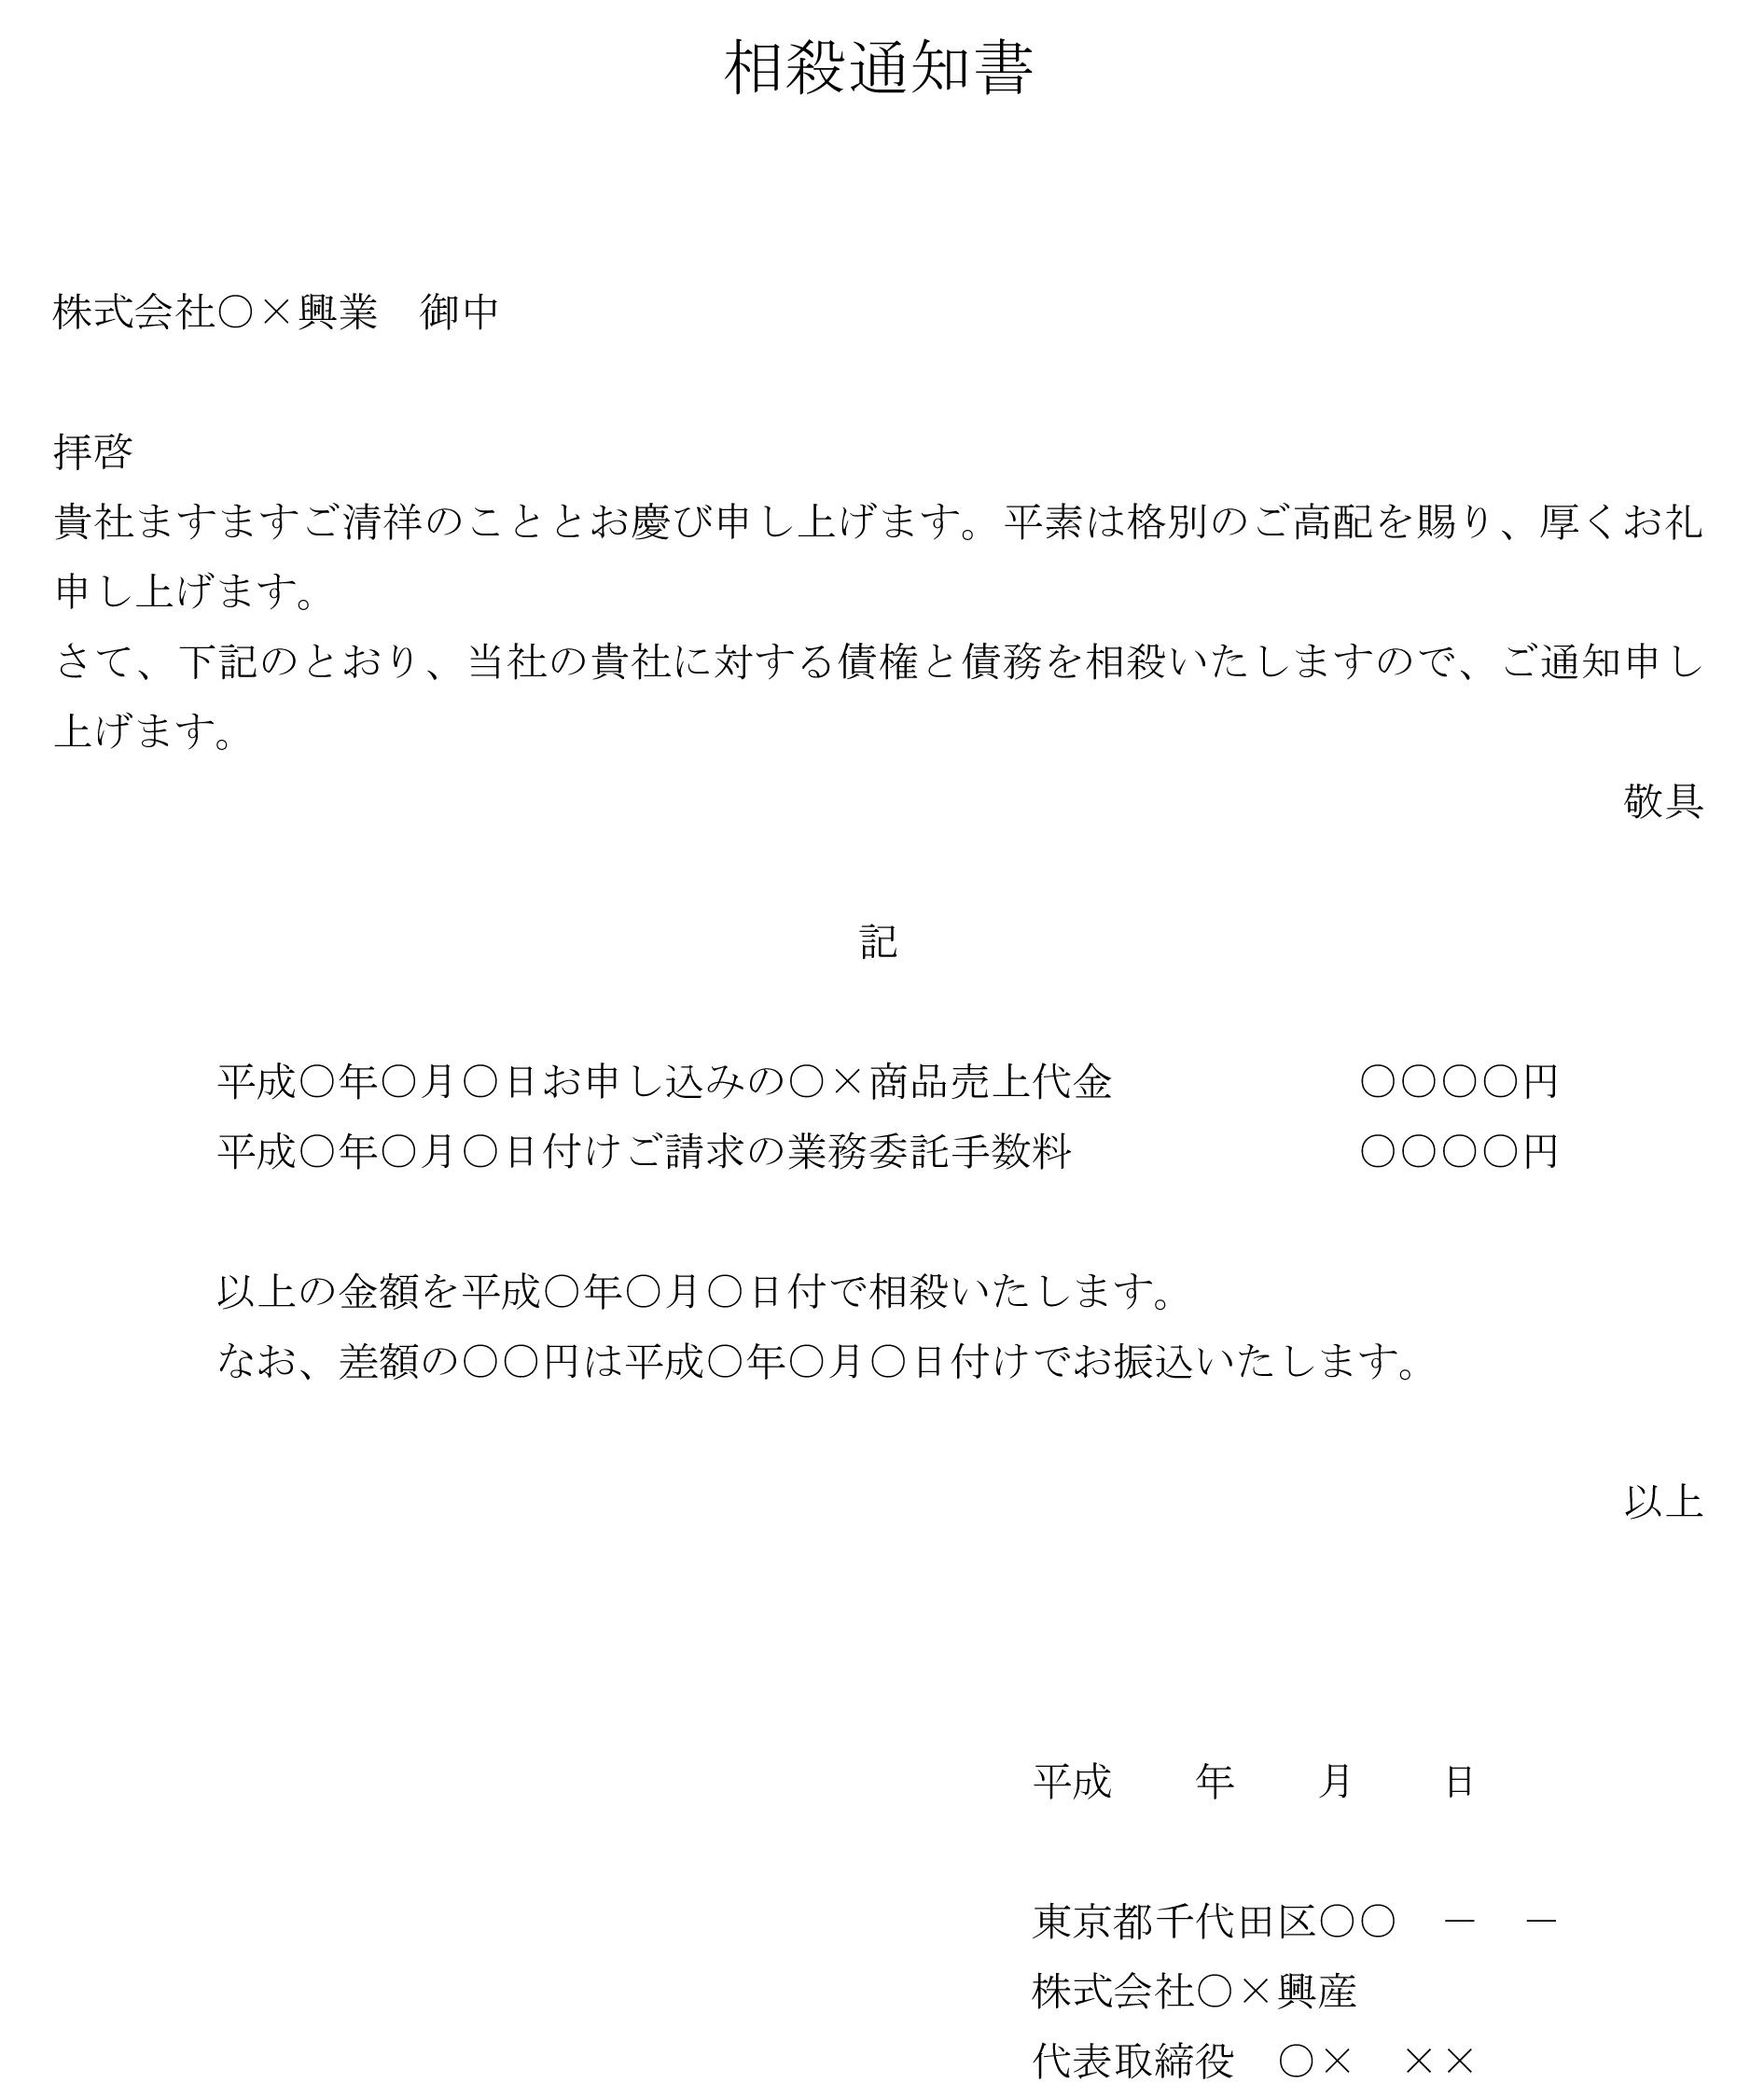 相殺通知書02